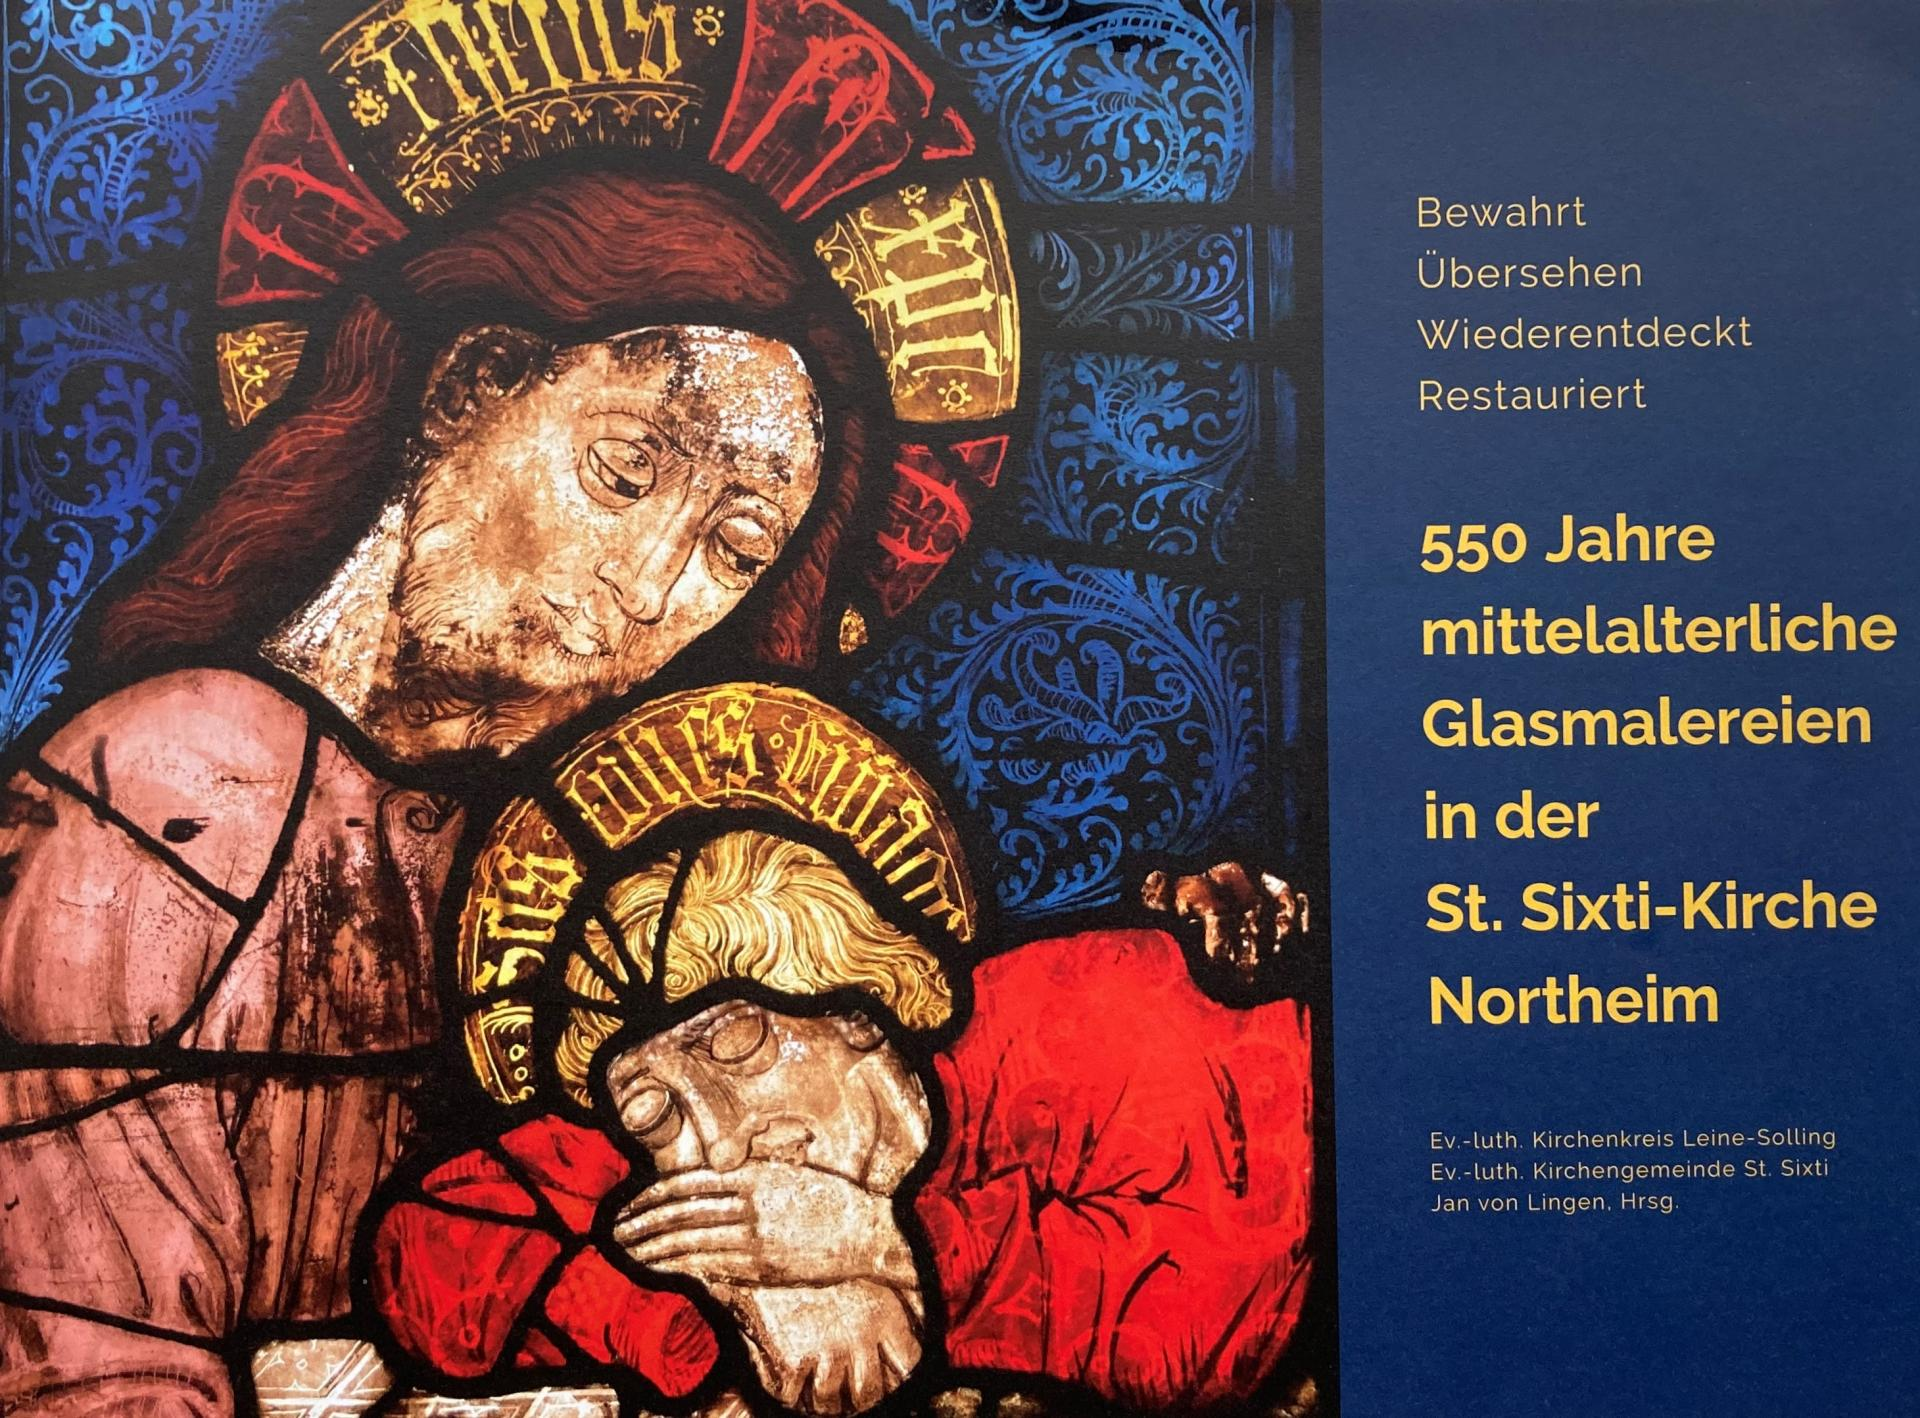 Die Broschüre (eine Auflage von 5000 Heften ist fast vergriffen) erklärt alles mit Bildern und wissenschaftlichen und theologischen Hintergründen